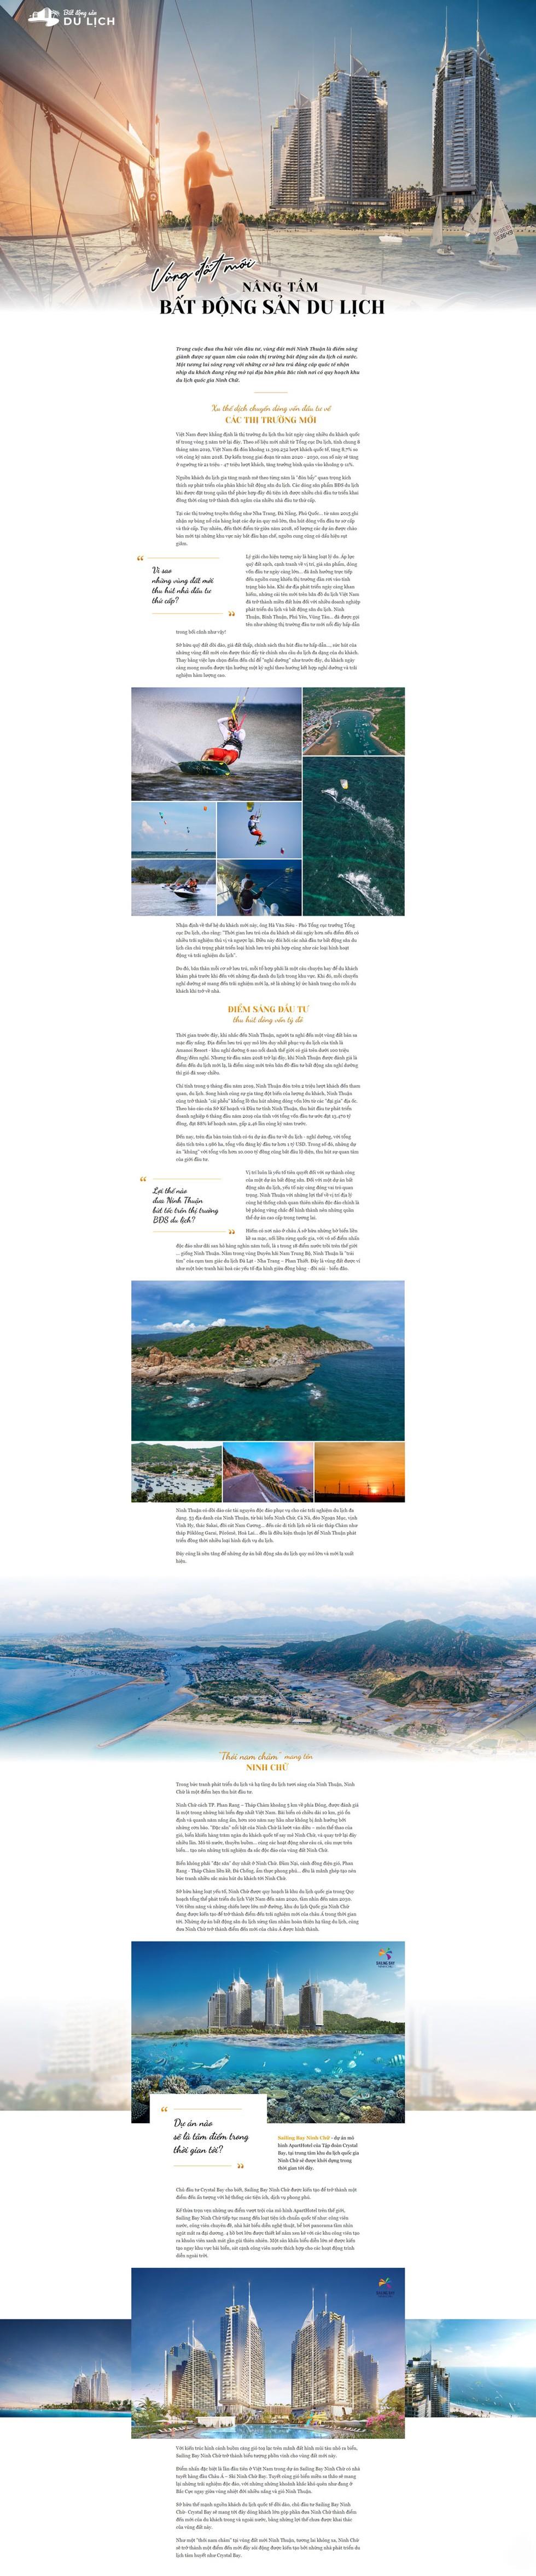 Vùng đất mới nâng tầm bất động sản du lịch ảnh 1